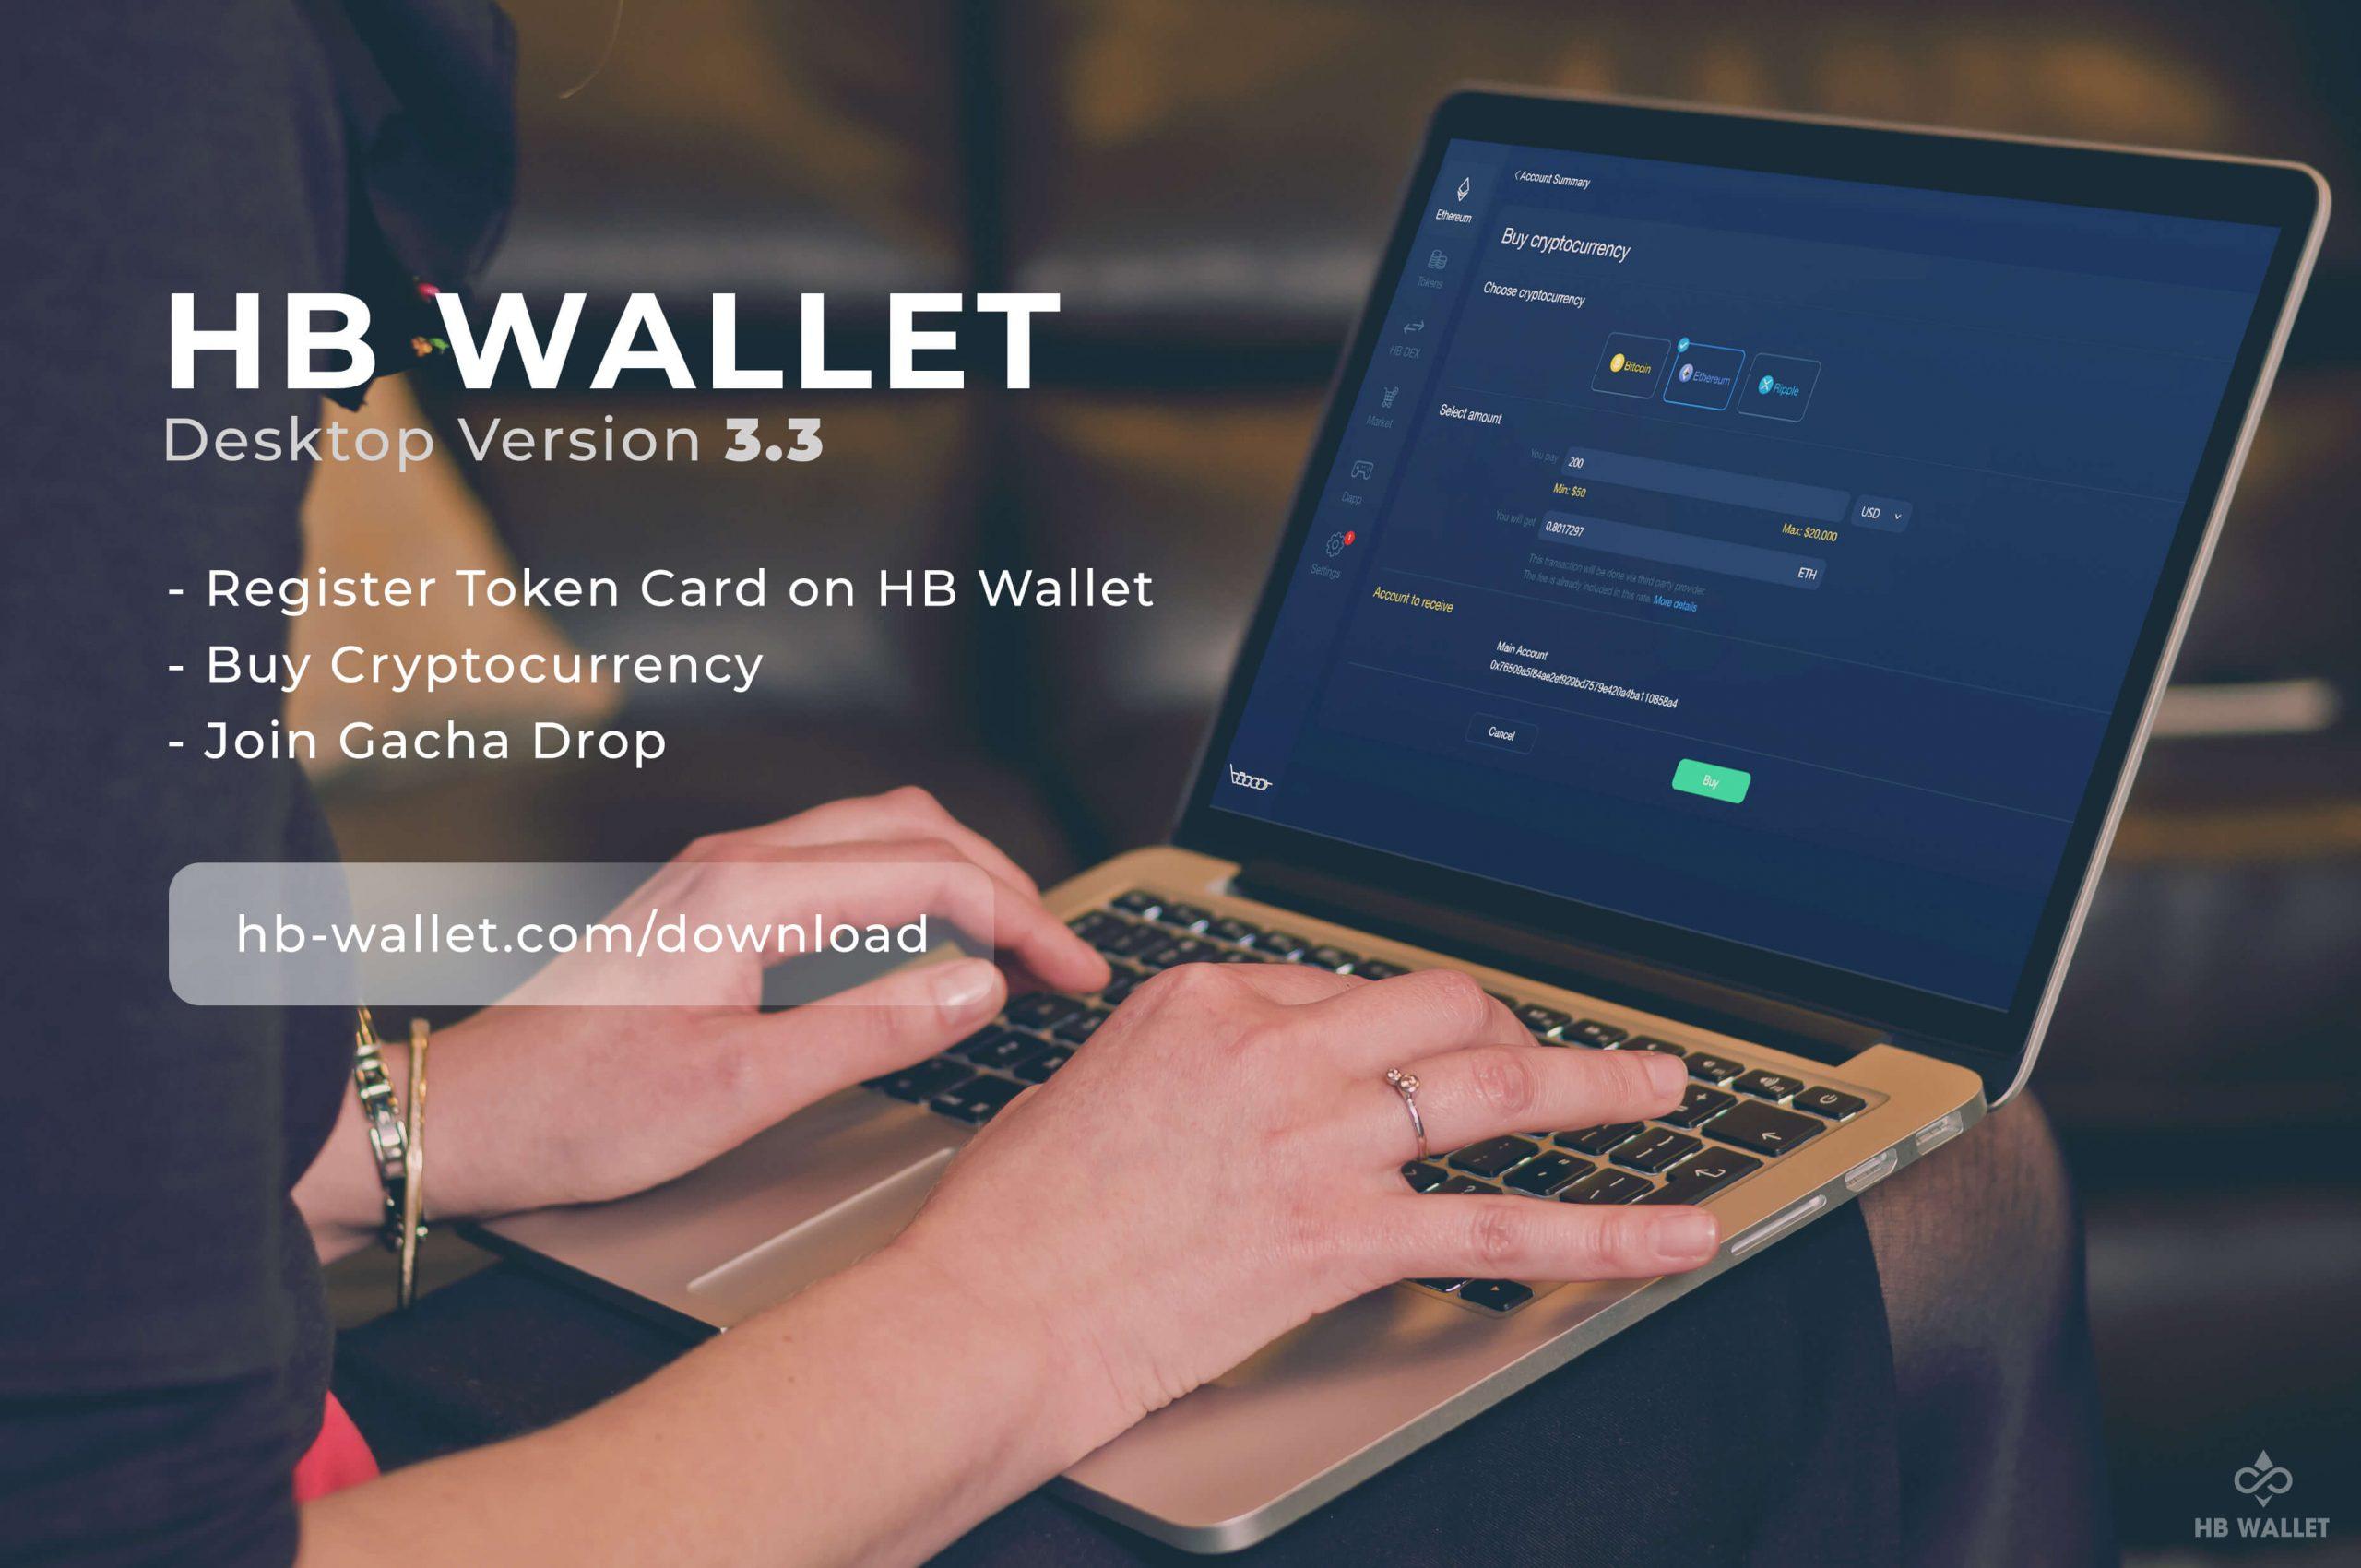 HB Wallet là loại ví tối ưu nhất cho việc lưu trữ cũng như trao đổi các mã thông báo của Ethereum